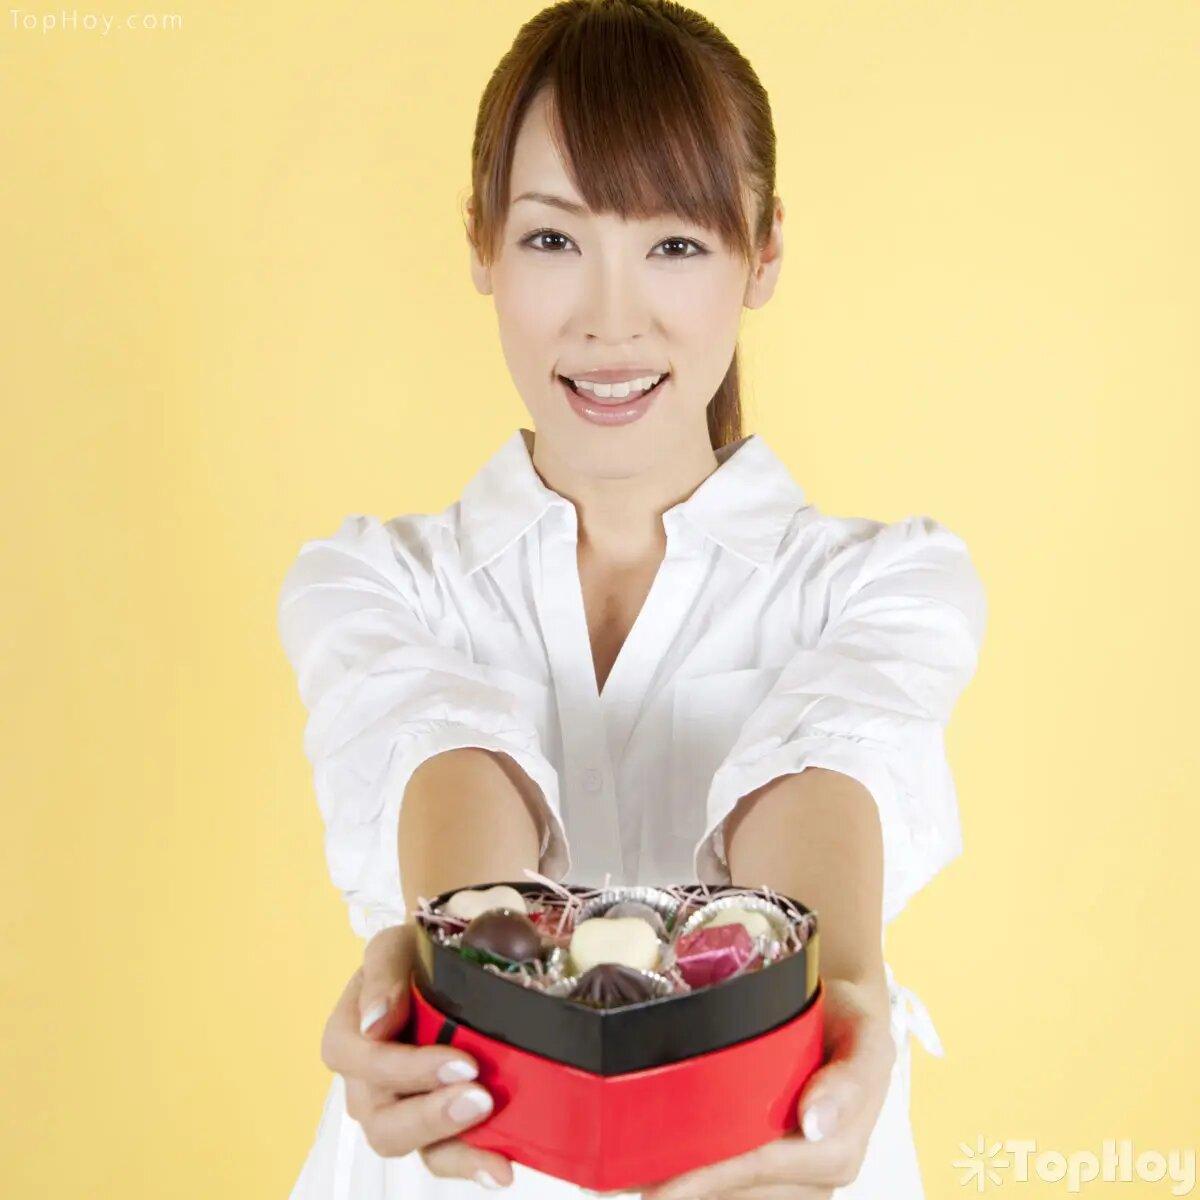 En Japón, solo las mujeres celebran el día de San Valentín. Es costumbre que las japonesas regalen chocolates a sus novios y esposos. Los hombres responden el 14 de marzo.